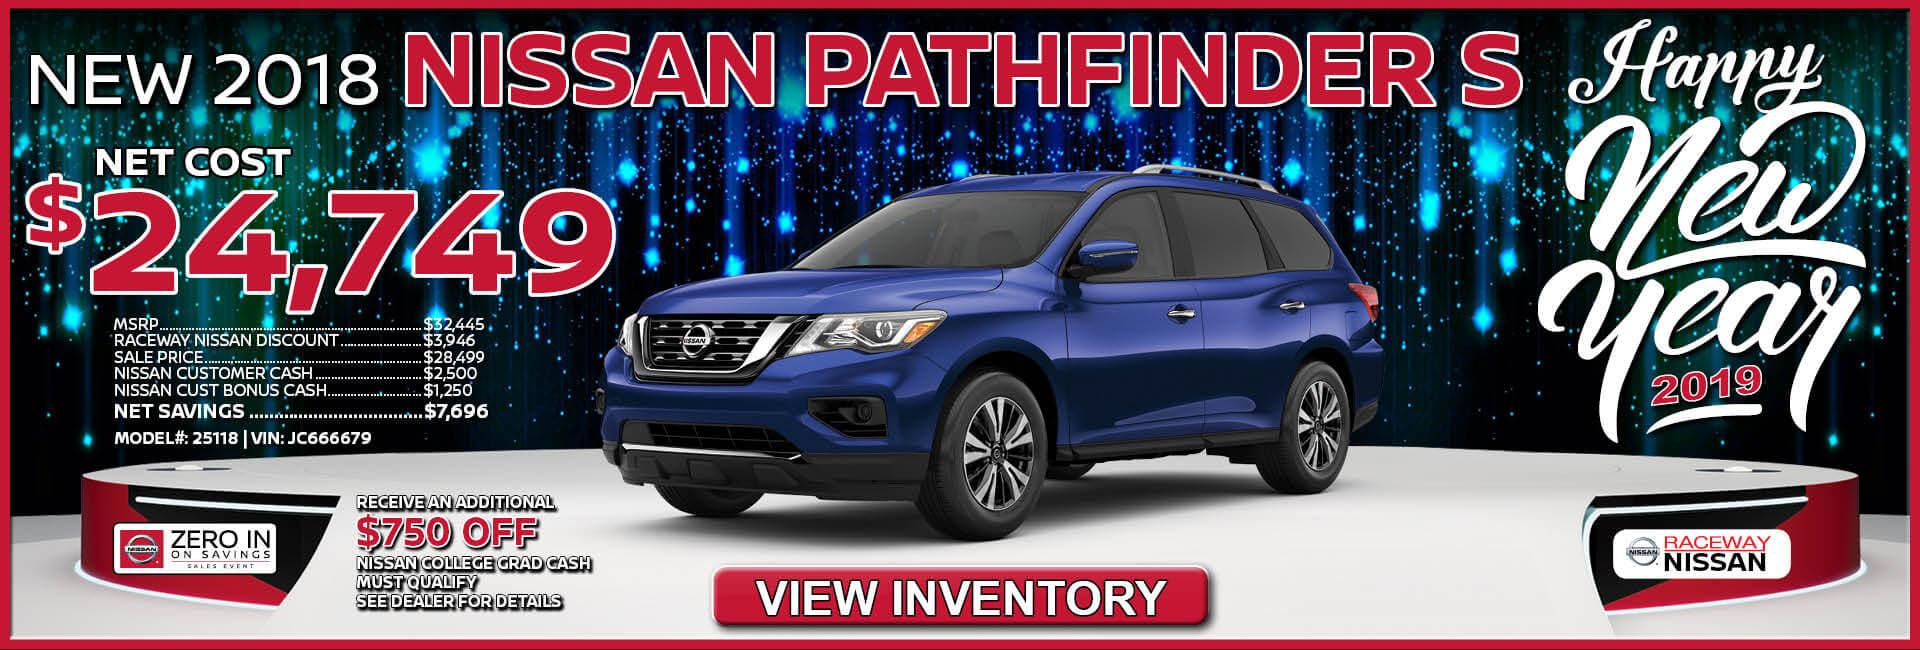 Nissan Pathfinder $24,749 Purchase